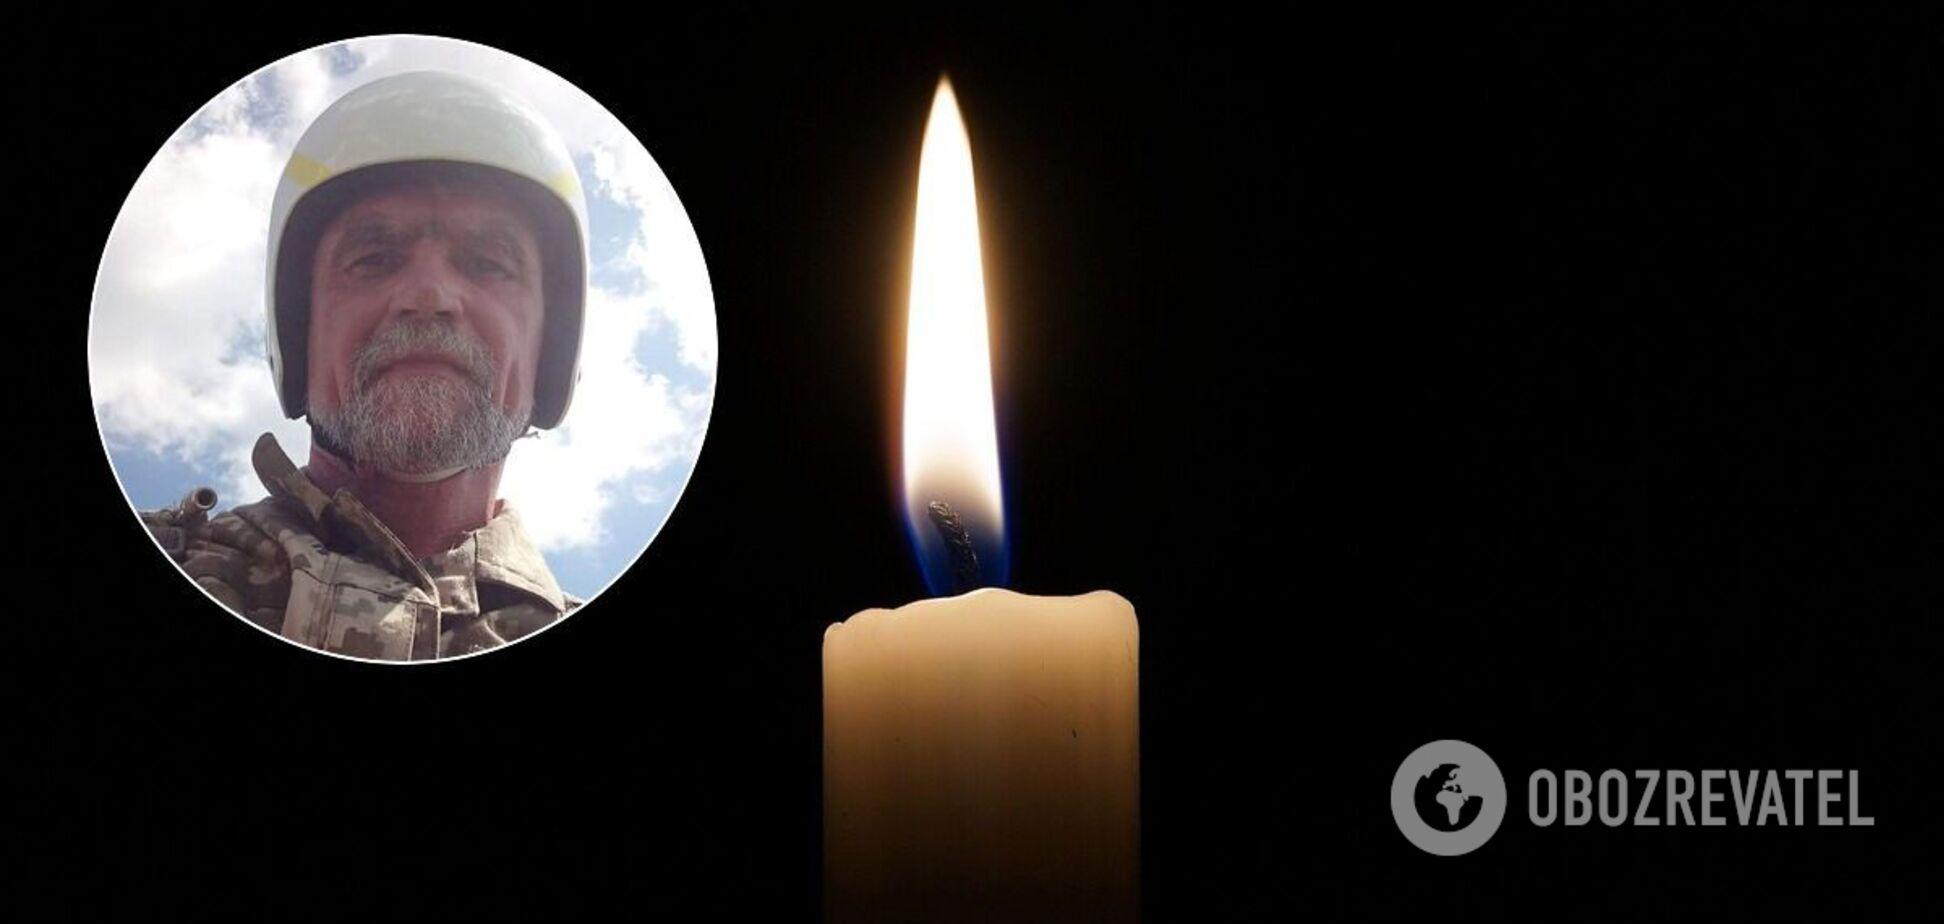 Врач Виталий Нетребовский умер из-за осложнений в результате COVID-19